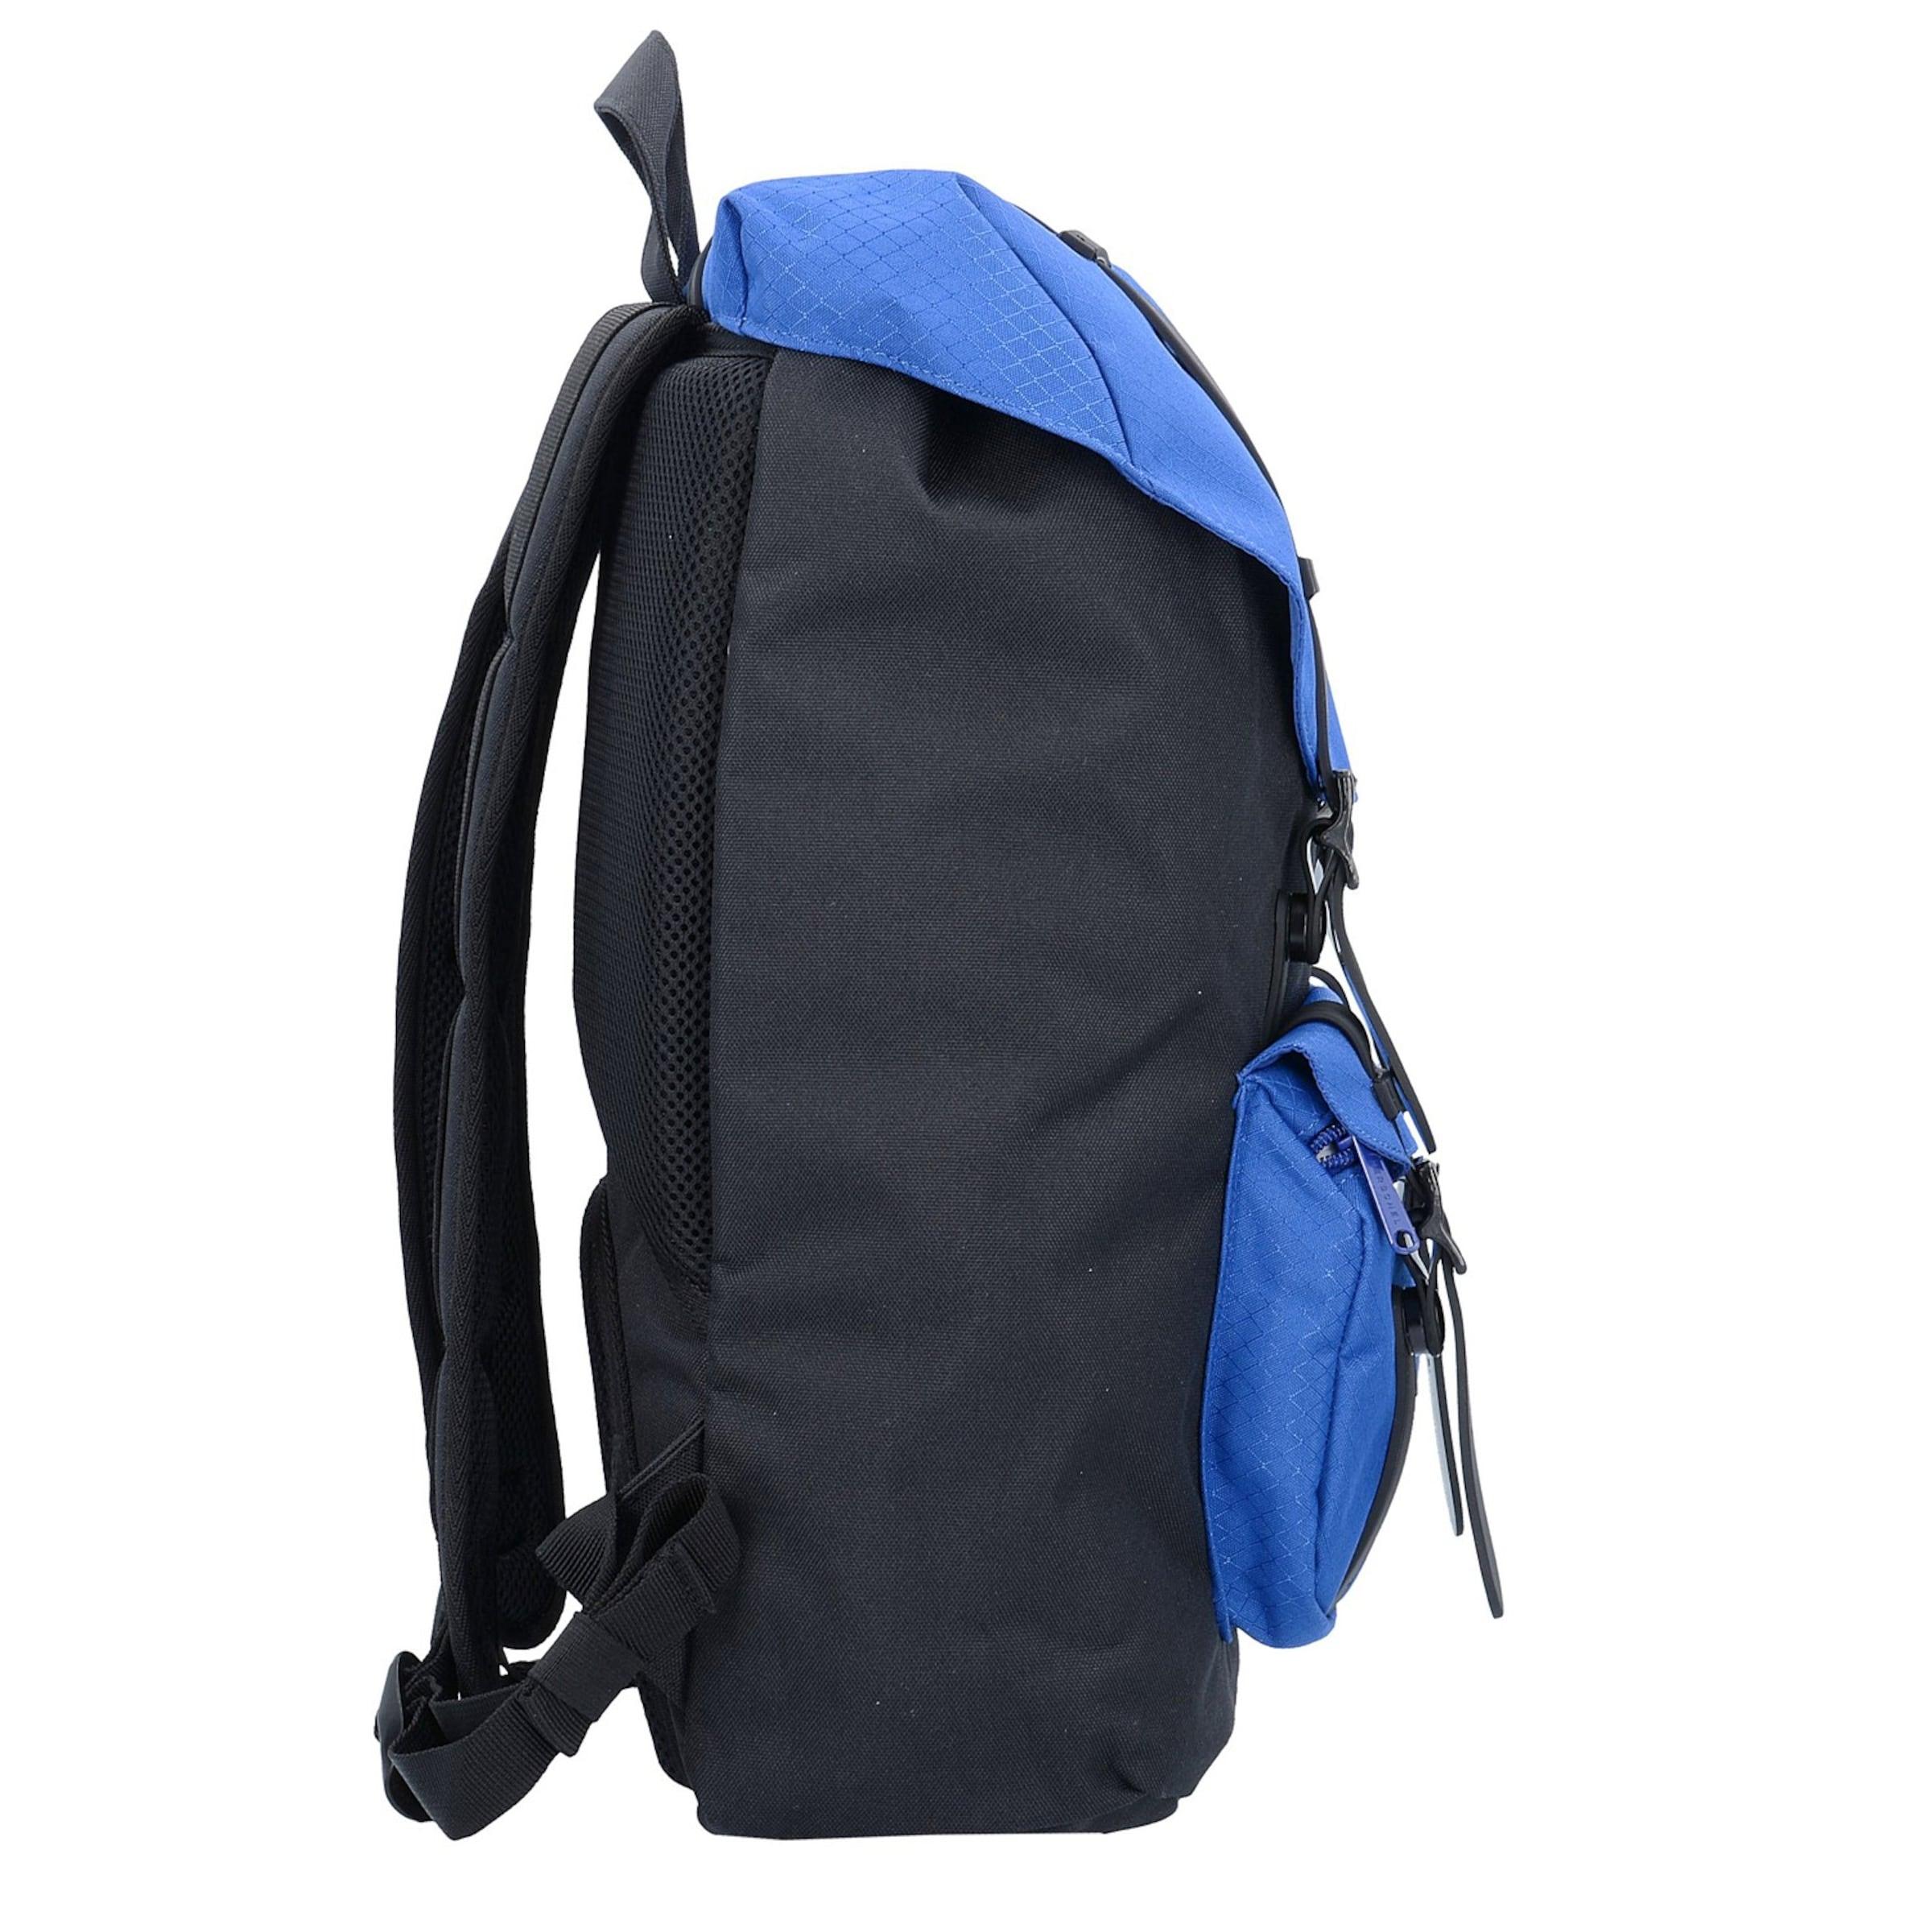 Herschel Rucksack mit Laptopfach 'Little America 17 I Mid Volume Backpack' Verkauf Ebay Günstig Kaufen Günstigsten Preis Ost Veröffentlichungstermine Online Shop pp9kqiU